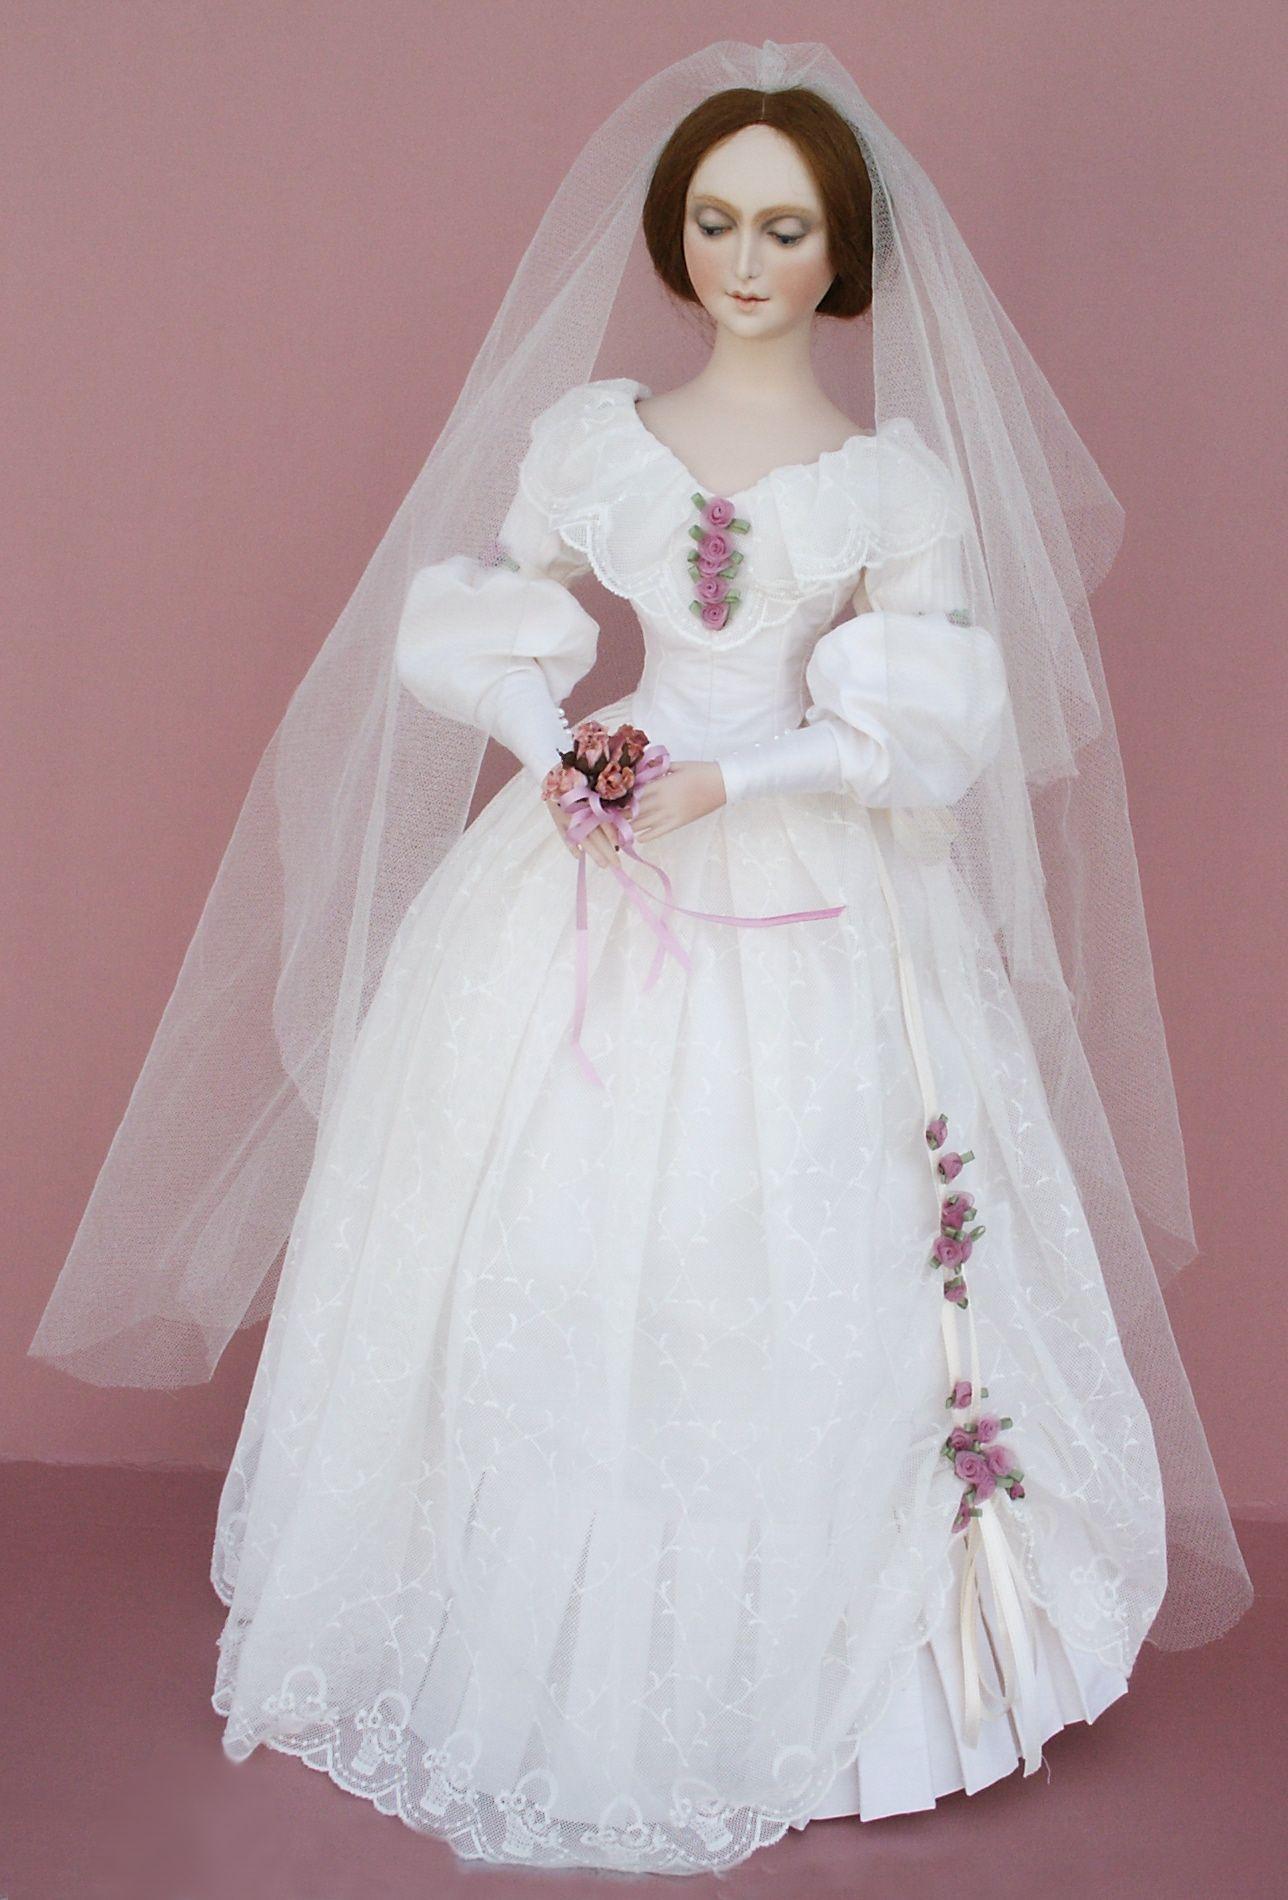 Doll wedding dress  Lady Kathryn  inch doll by Betty Bailey  My Dolls  Pinterest  Dolls